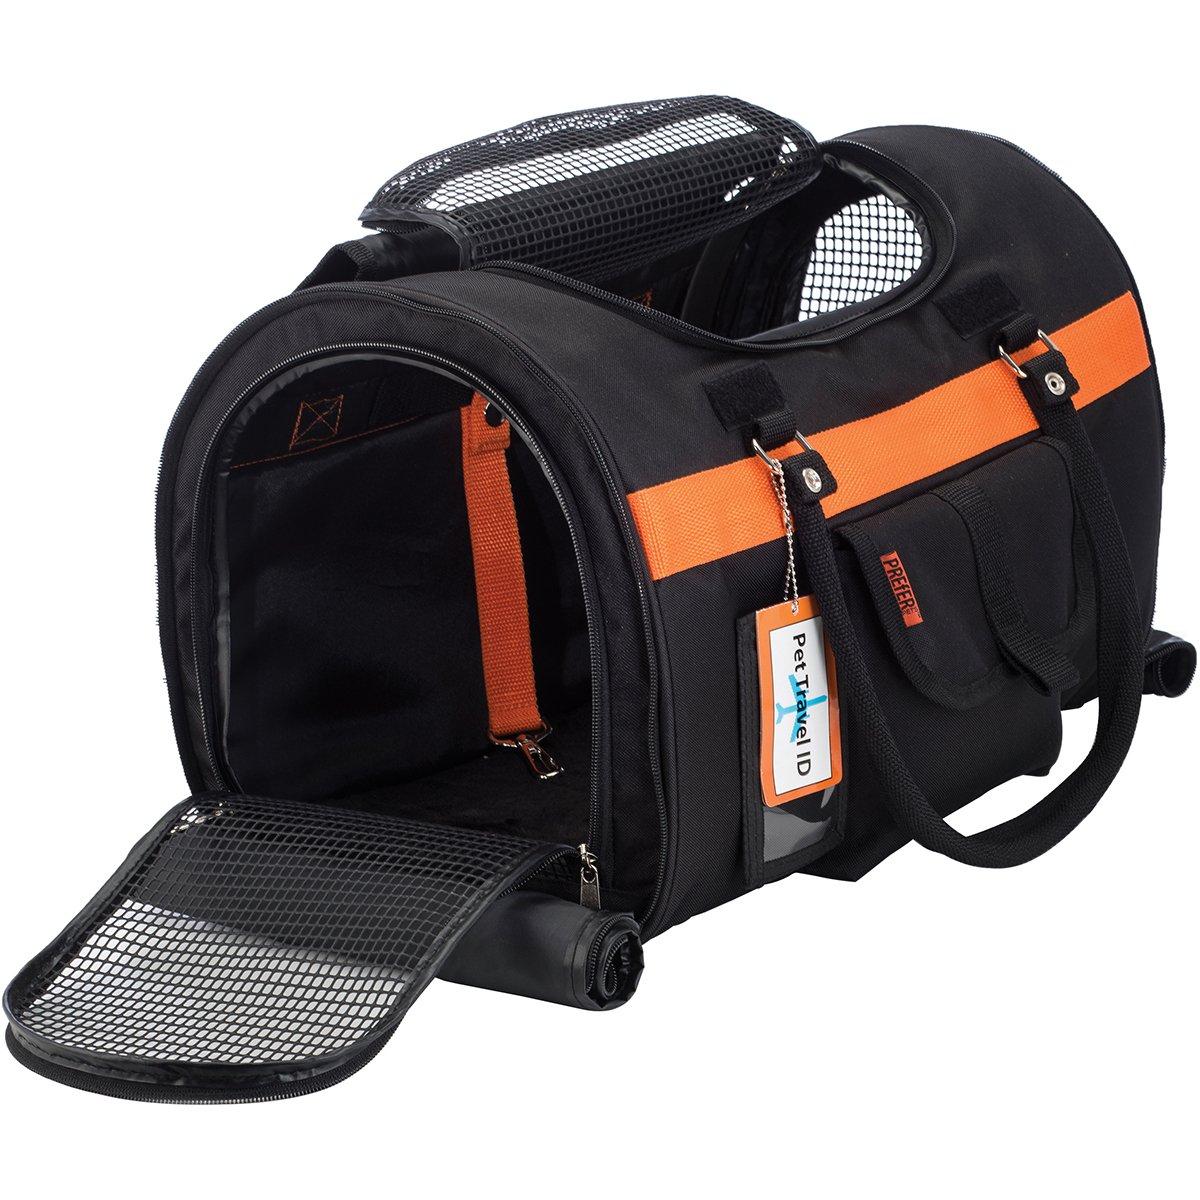 Prefer Pets Travel Gear 312BOR Hideaway Duffle Pet Carrier, Medium